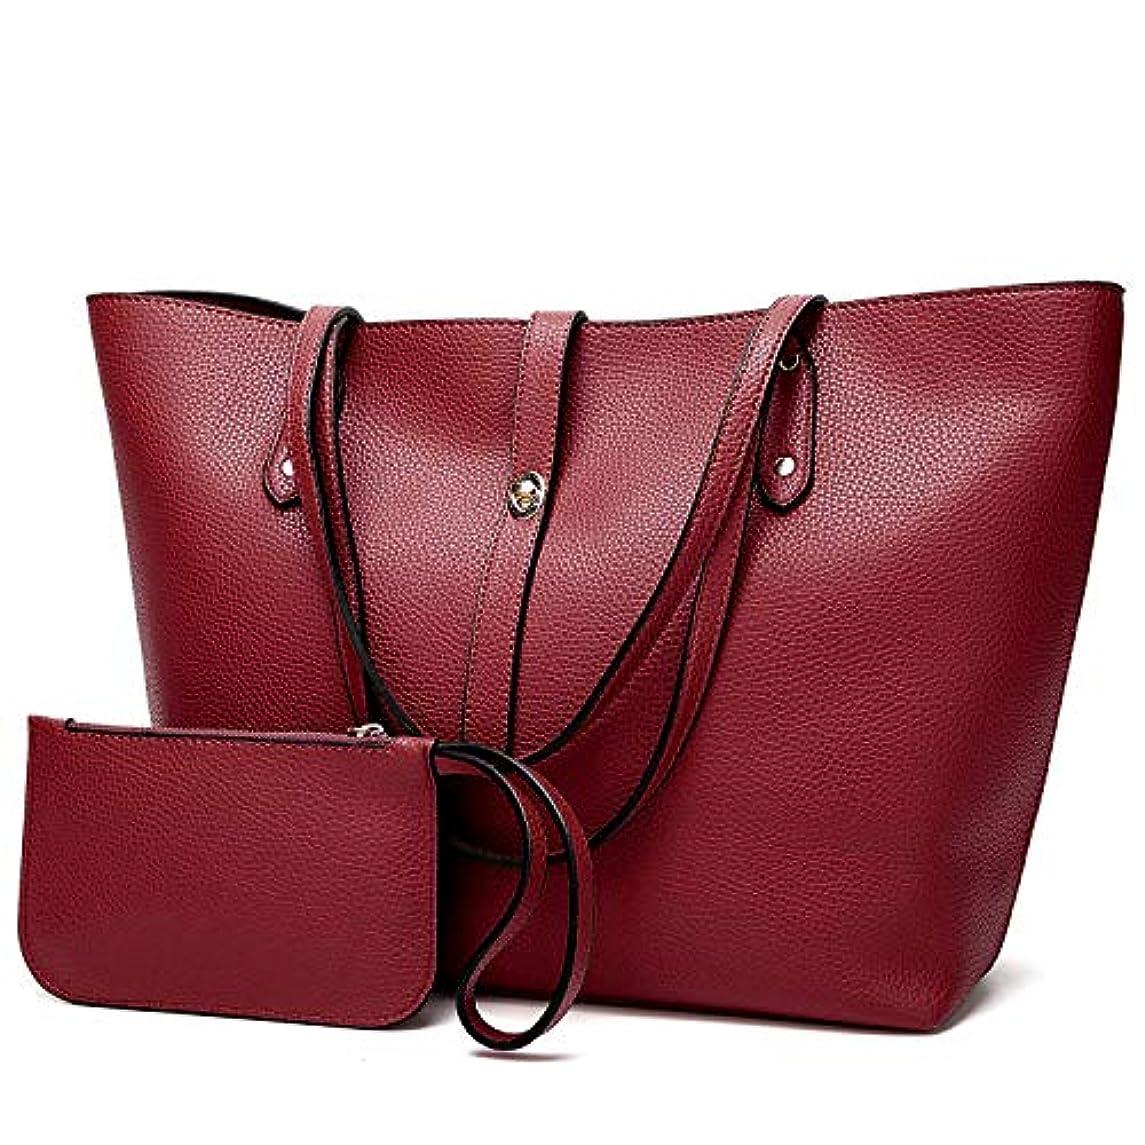 反論者ほかに軽減する[TcIFE] ハンドバッグ レディース トートバッグ 大容量 無地 ショルダーバッグ 2way 財布とハンドバッグ